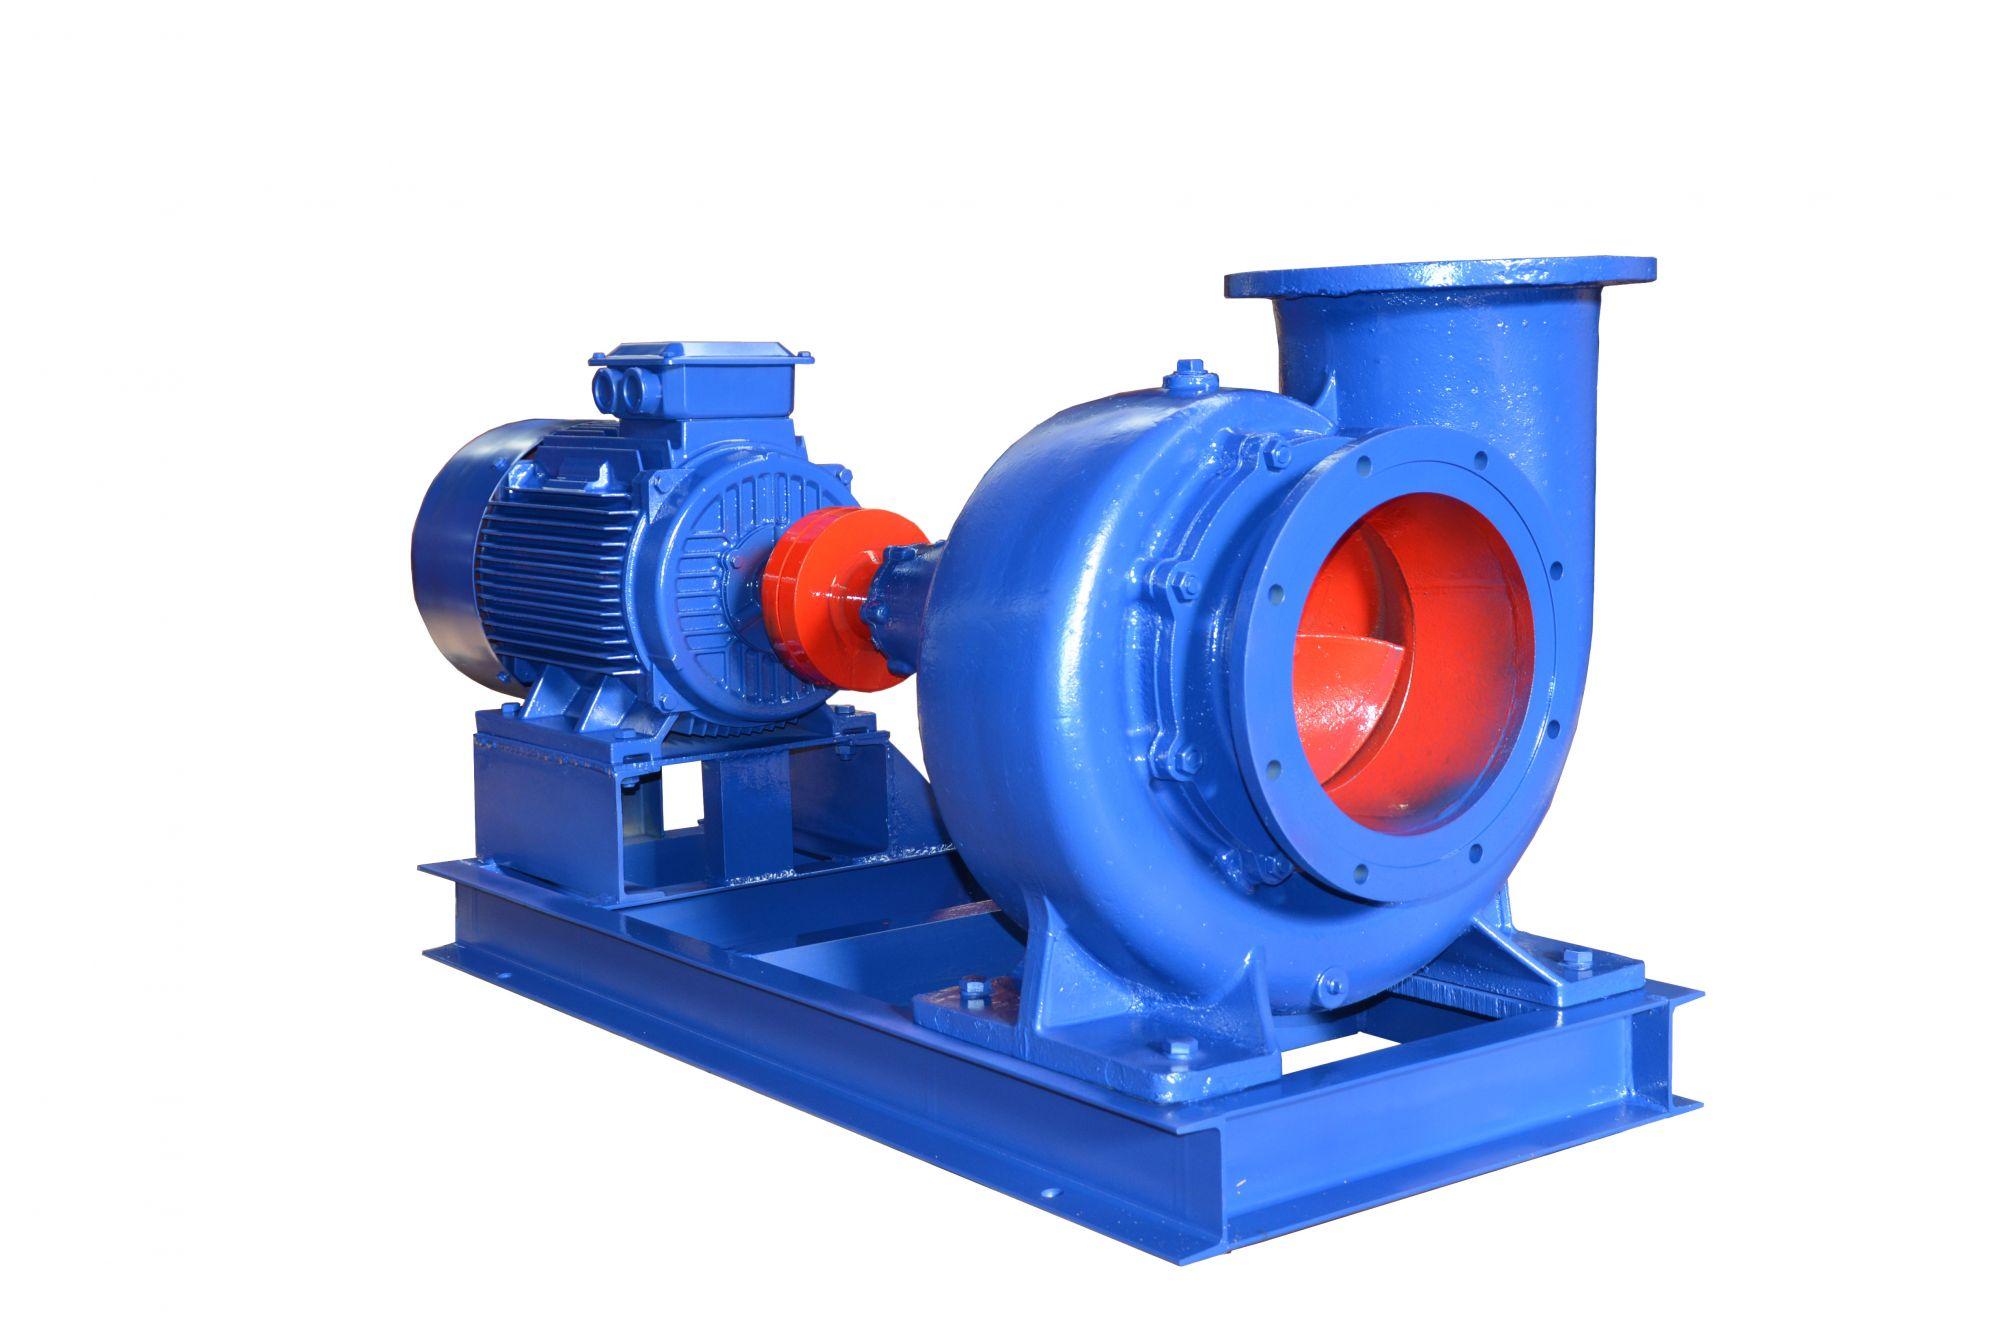 mixed-flow pumps